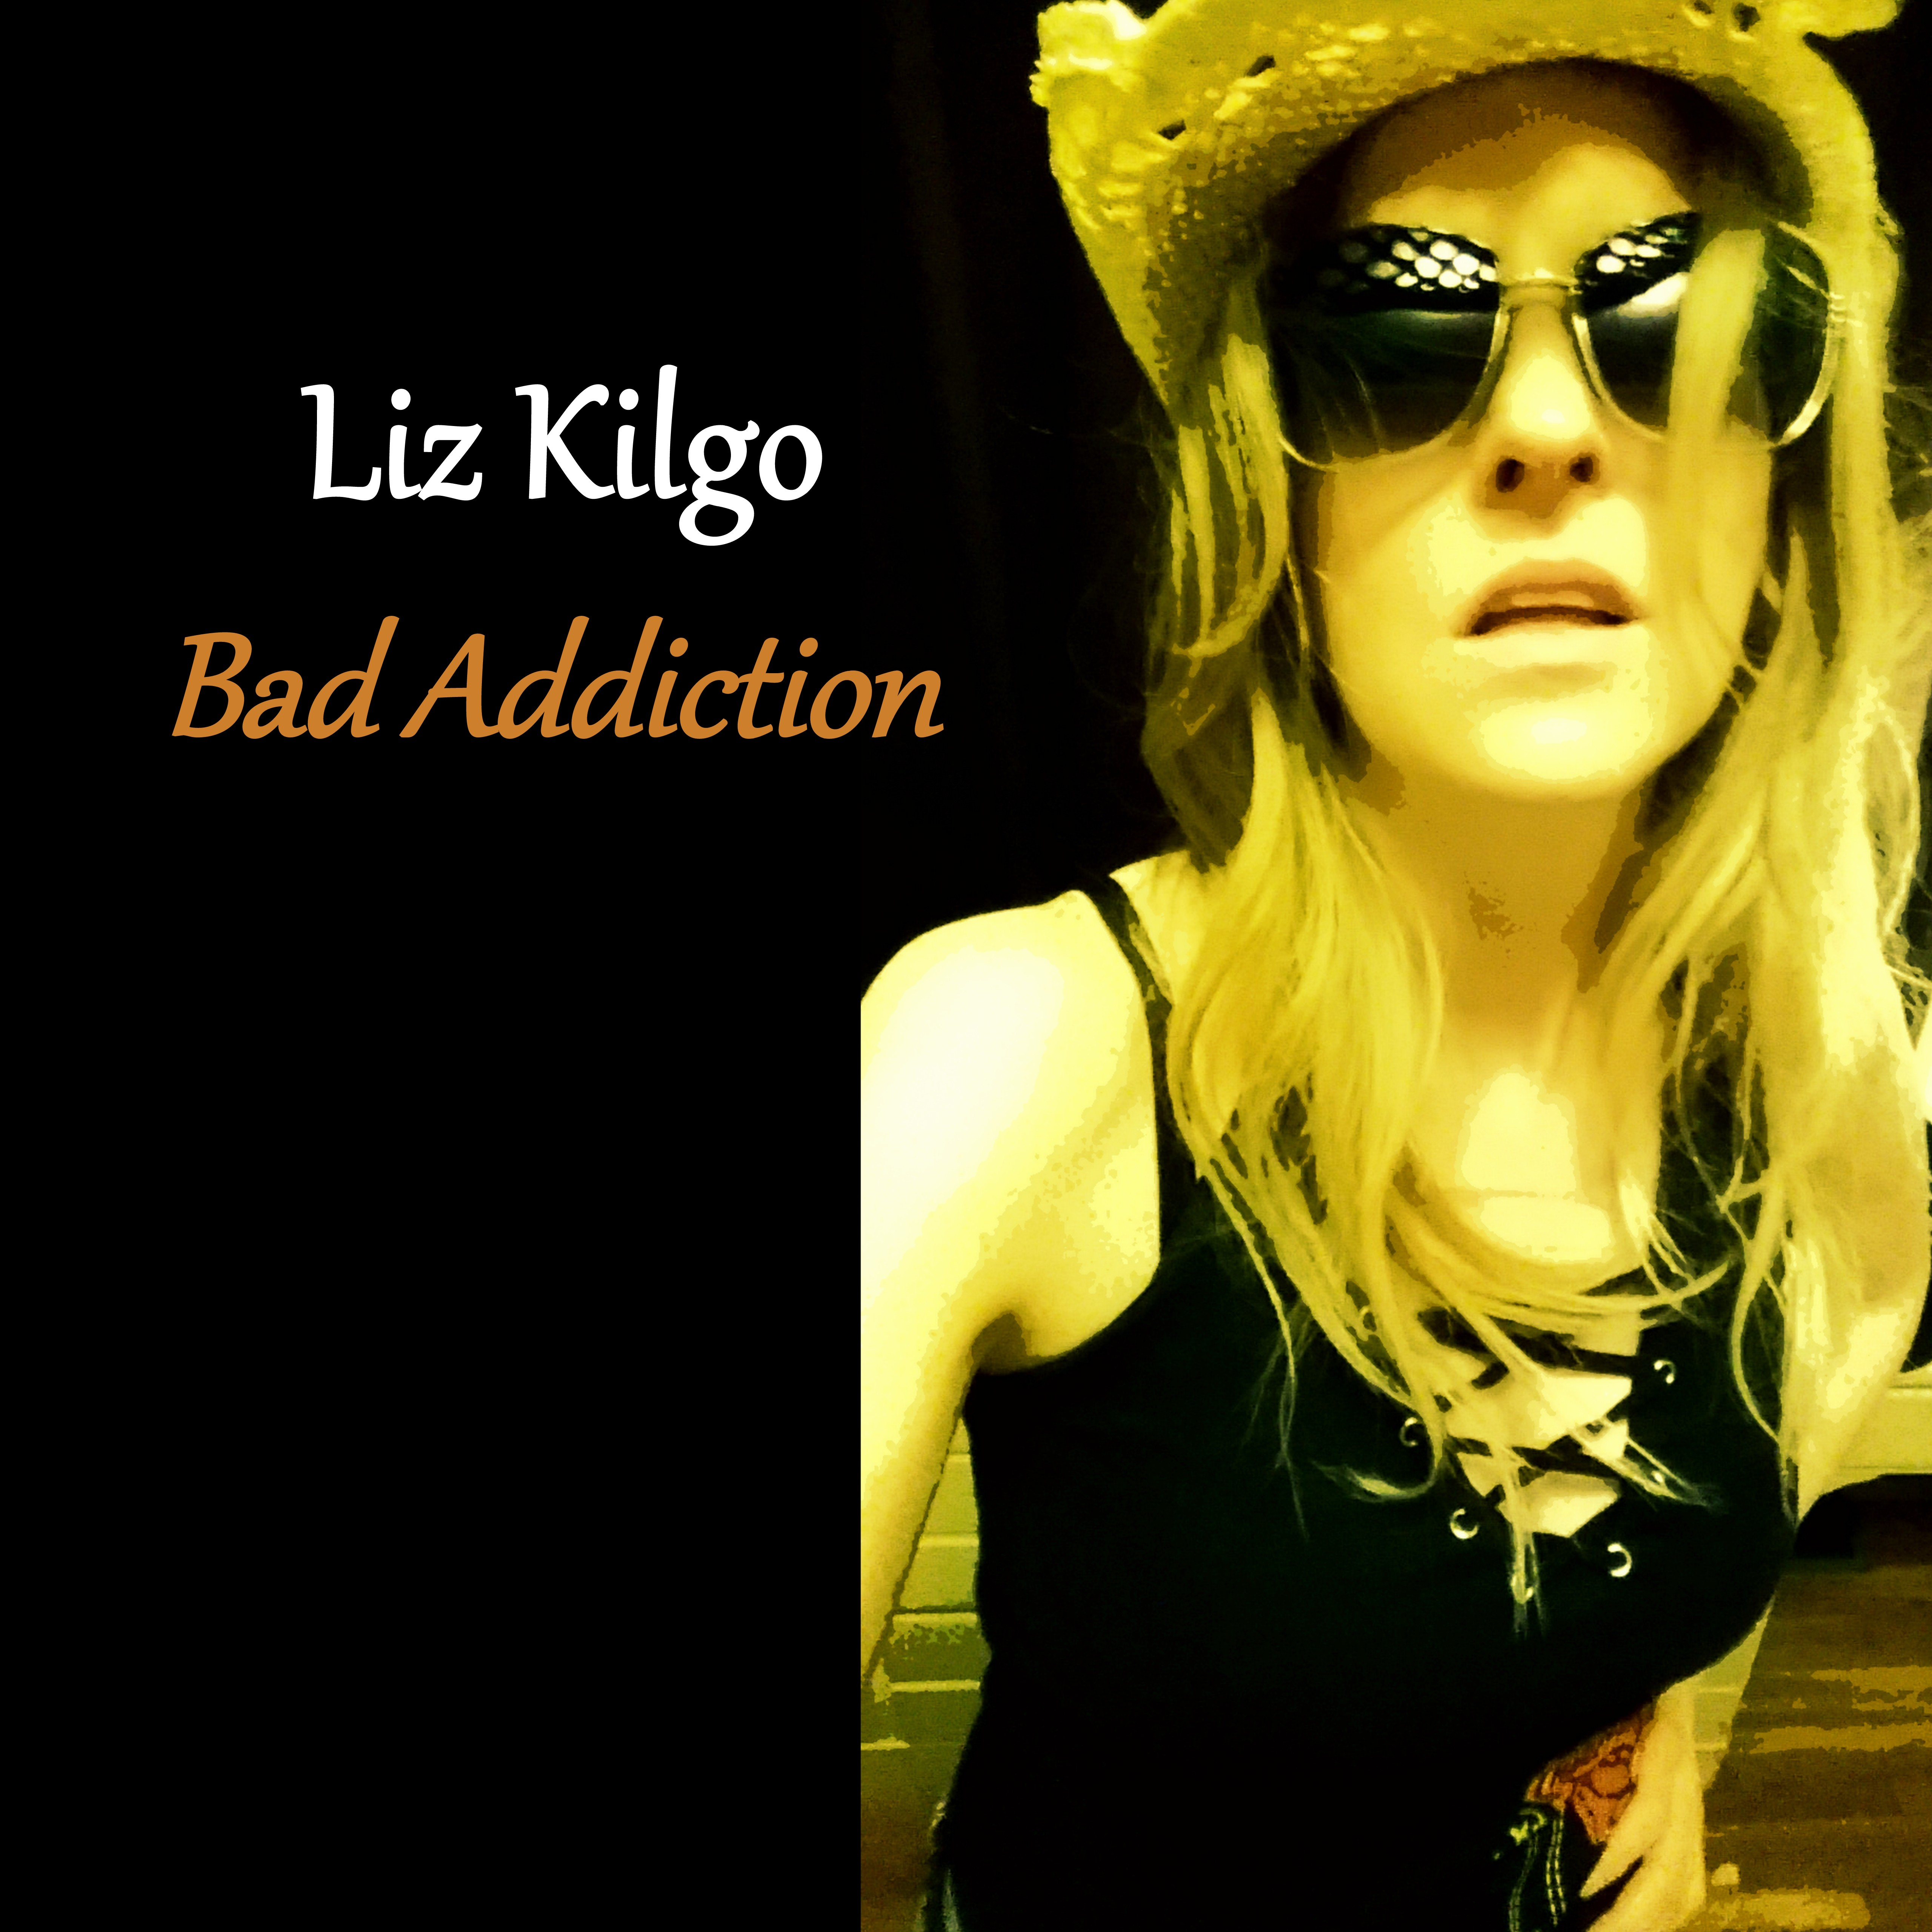 Liz Kilgo